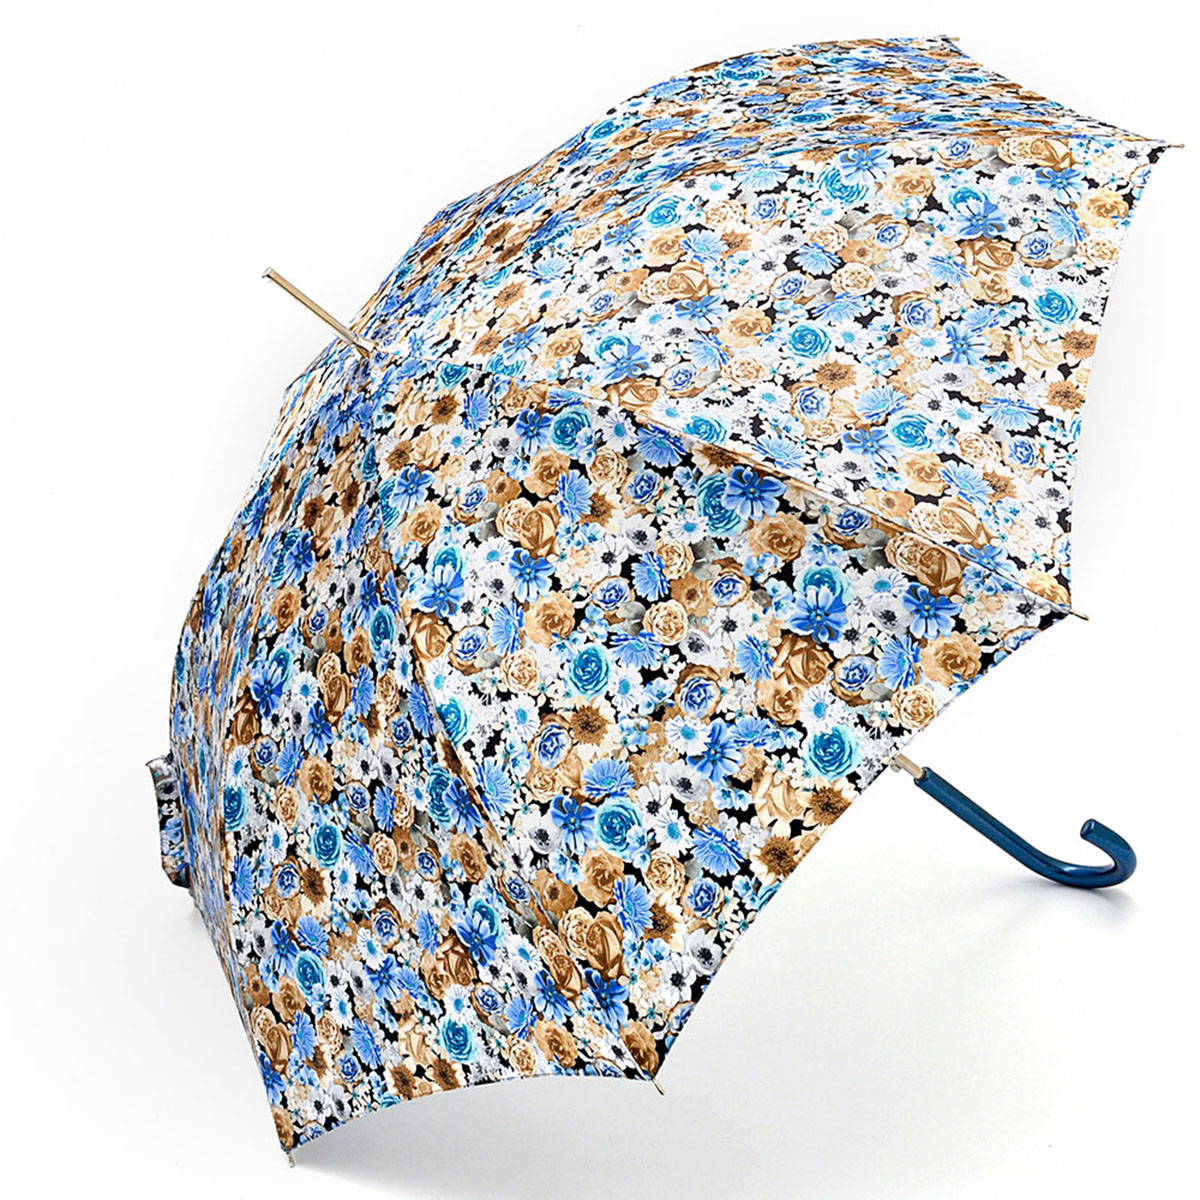 Зонт-трость женский Stilla, цвет: голубой, коричневый, белый. 695/2 autoCX1516-50-10Зонт-трость Stilla надежно защитит вас от дождя. Купол, оформленный оригинальным принтом, выполнен из высококачественного ПВХ, который не пропускает воду.Каркас зонта и спицы выполнены из высококарбонистой стали. Зонт имеет автоматический тип сложения: открывается и закрывается при нажатии на кнопку. Удобная ручка выполнена из пластика.